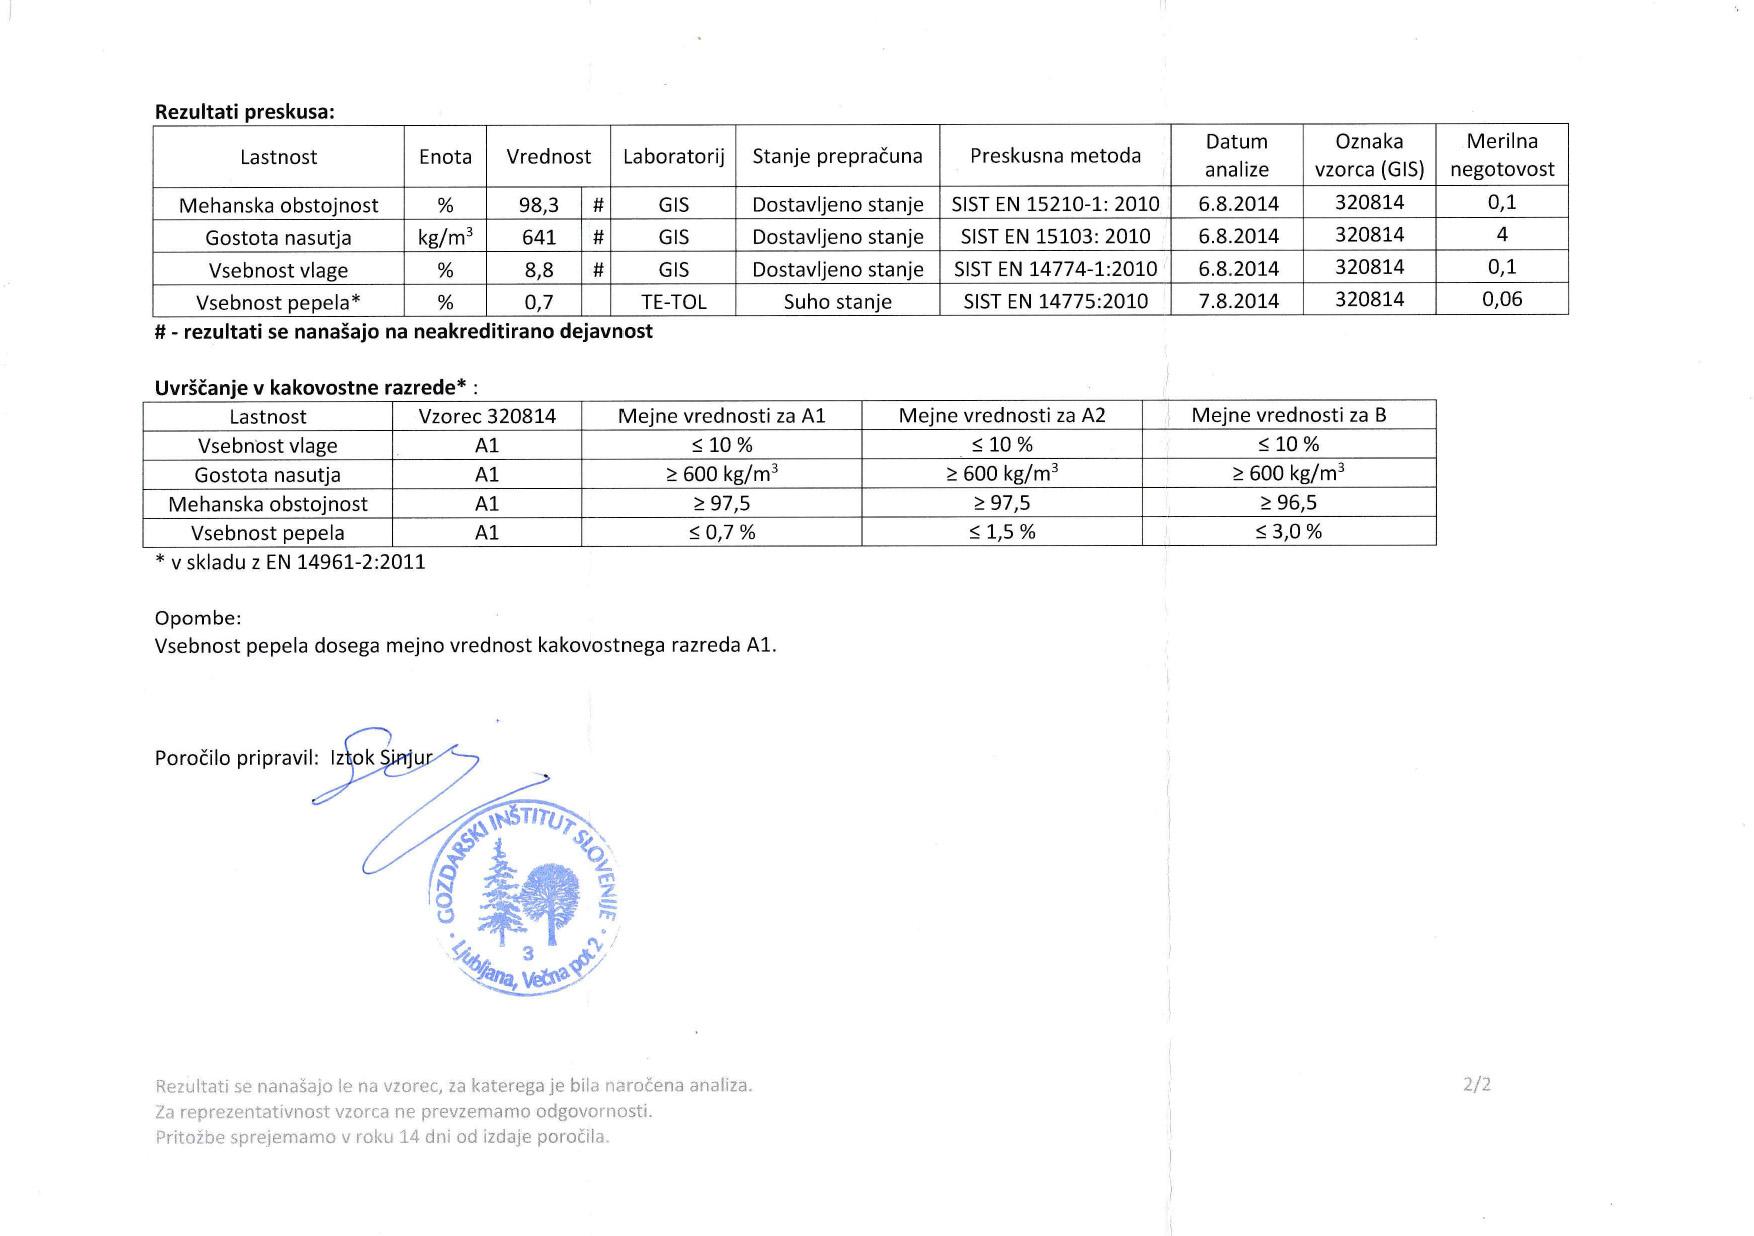 Peleti ustrezajo kakovostnemu razredu A1. Preizkus opravlja Gozdarski inštitut Slovenije, v skladu z EN 14961-2:2011